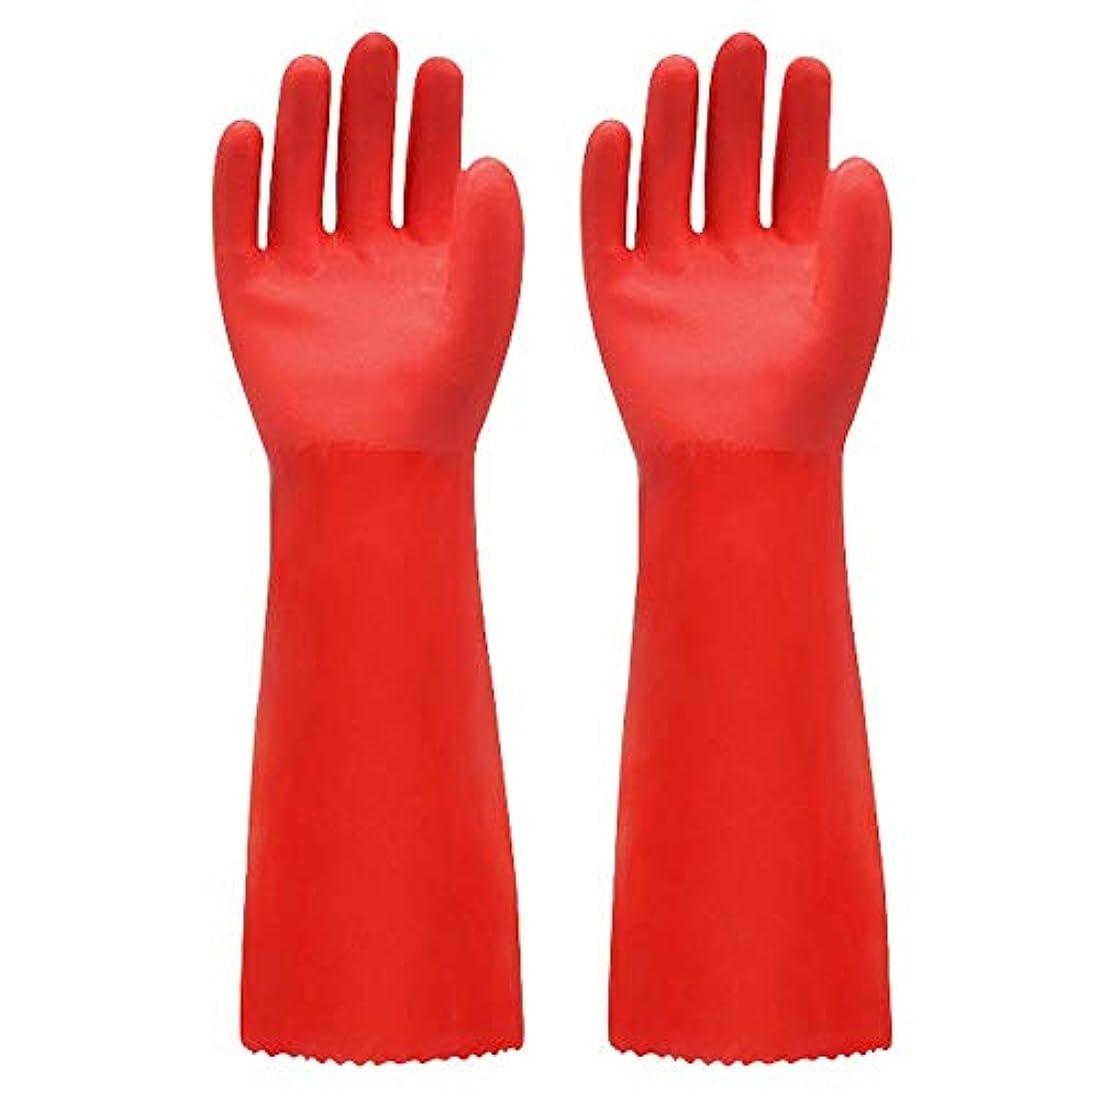 コンバーチブル現代流行ニトリルゴム手袋 ゴム手袋長く暖かいとビロードのゴム製防水と耐久性のある手袋、1ペア 使い捨て手袋 (Color : RED, Size : L)